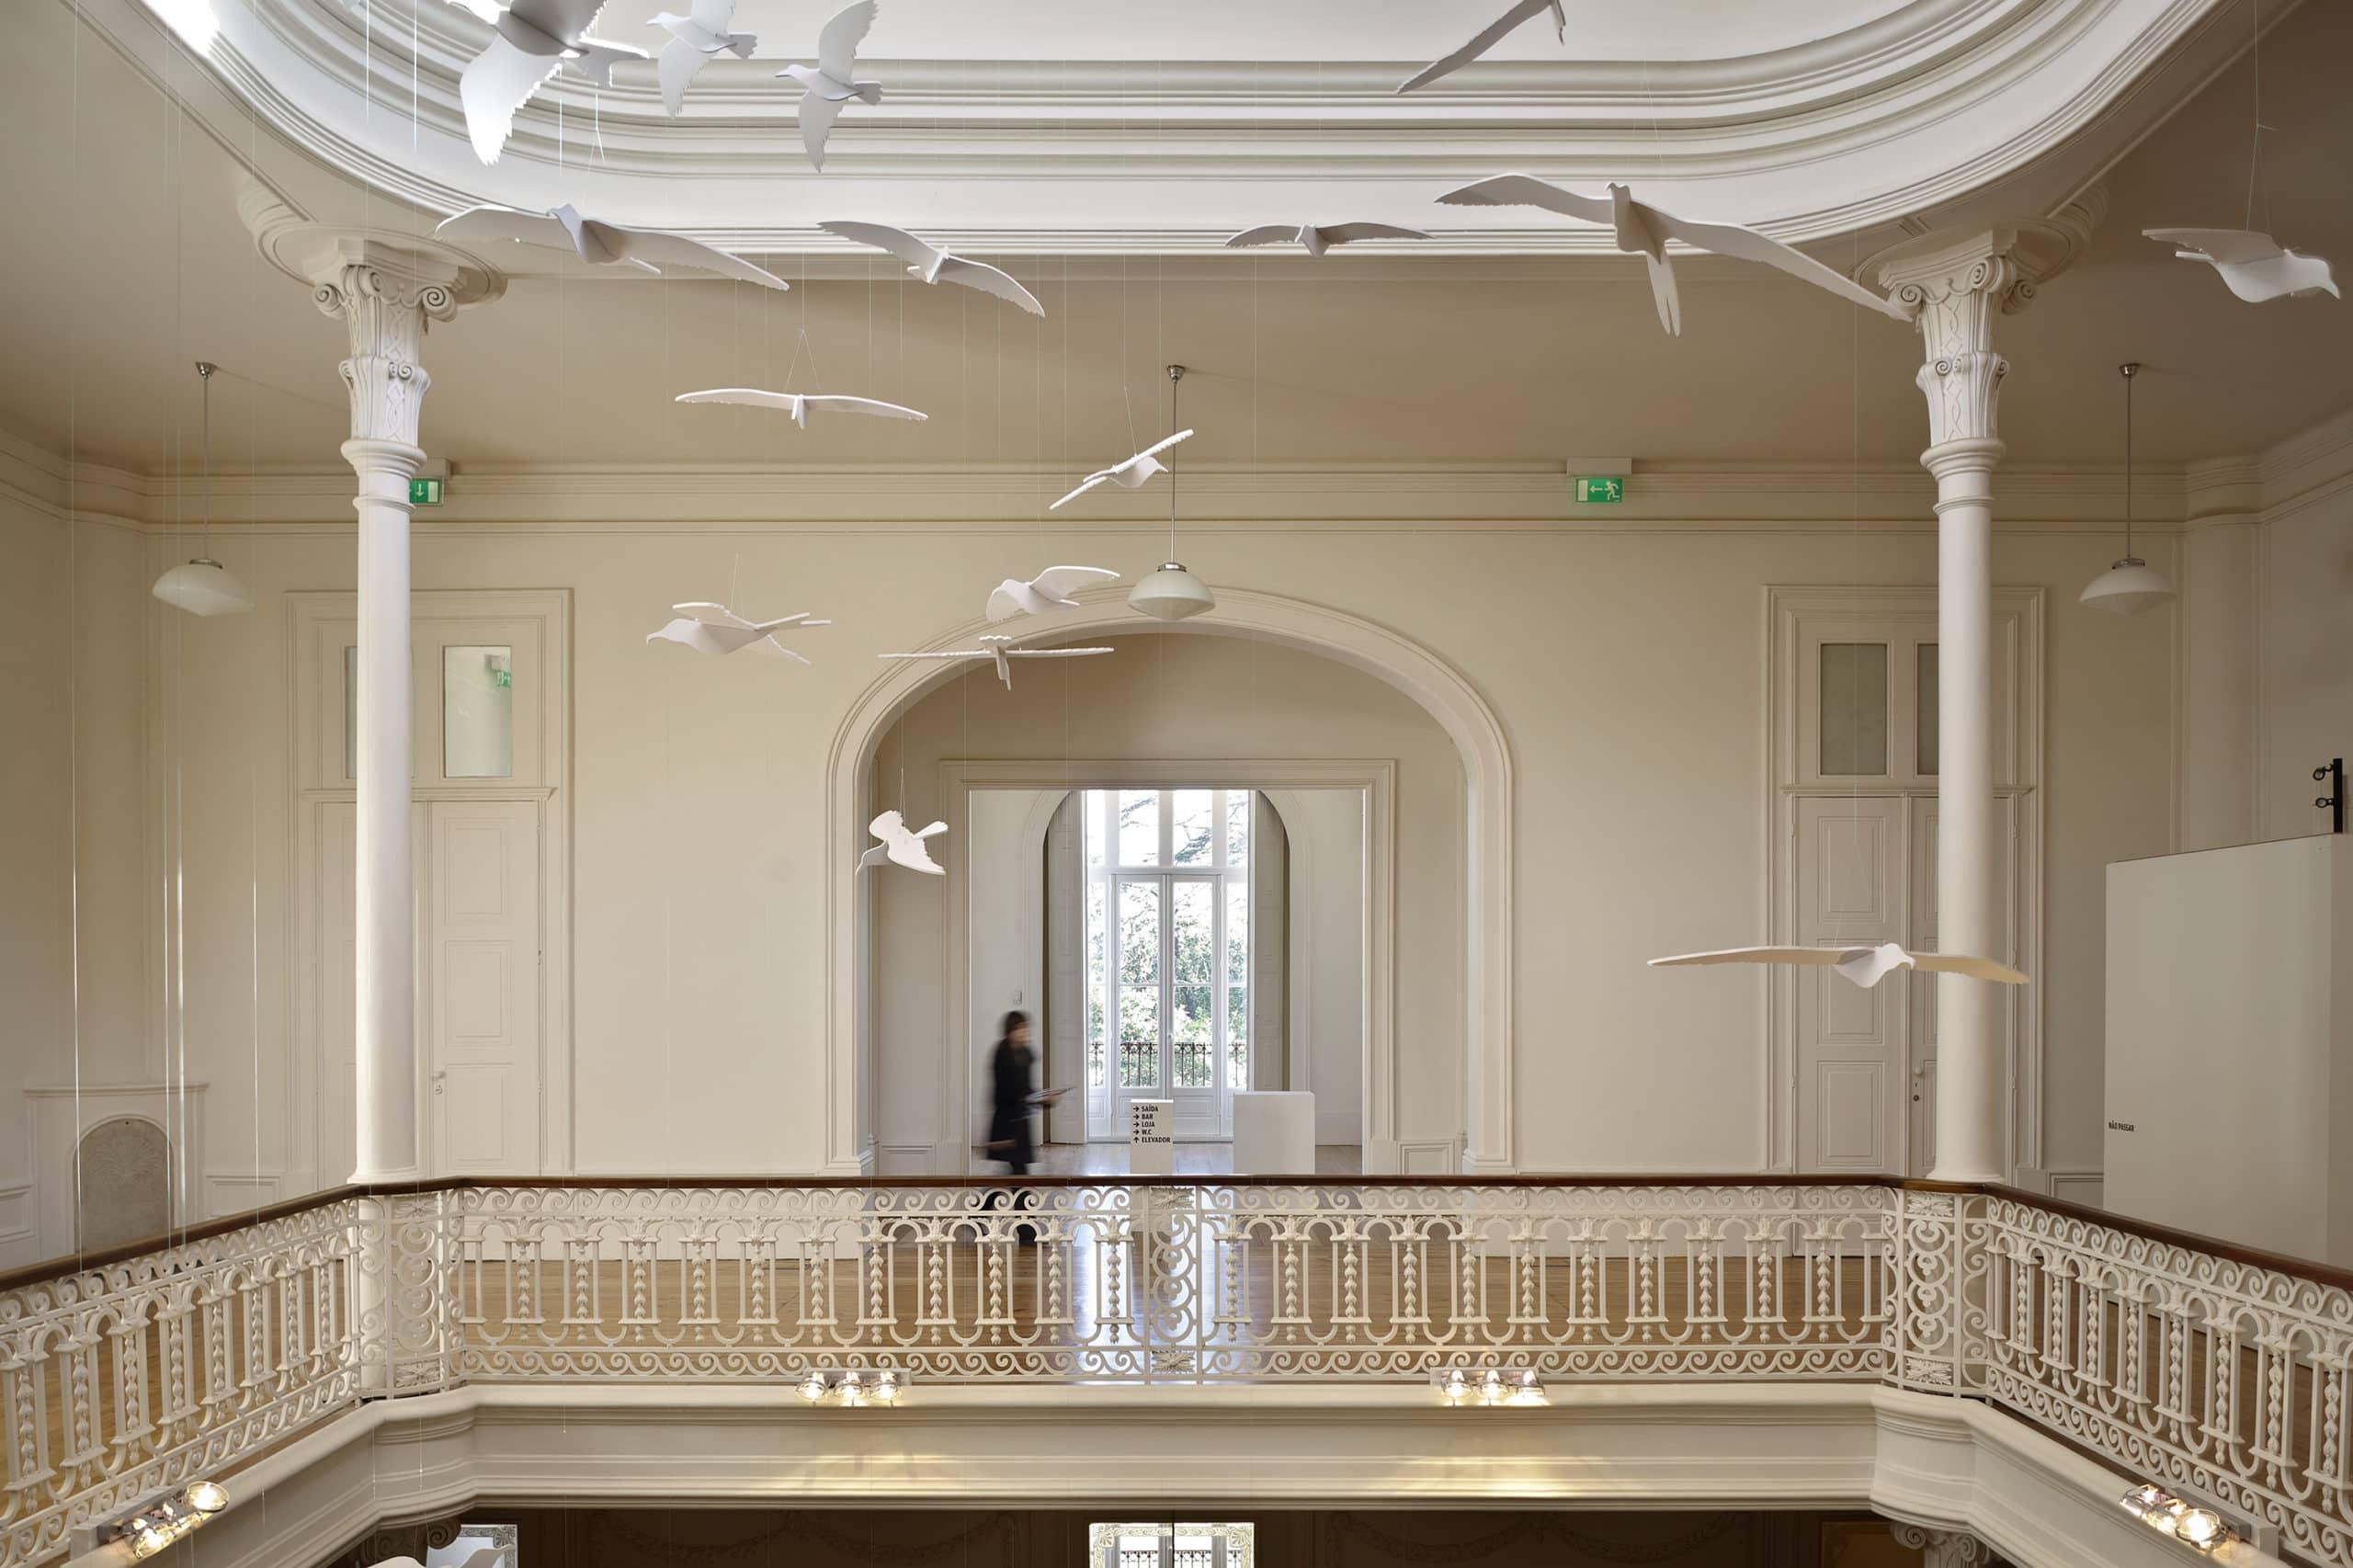 Casa Andresen Exposição - A Evolução de Darwin